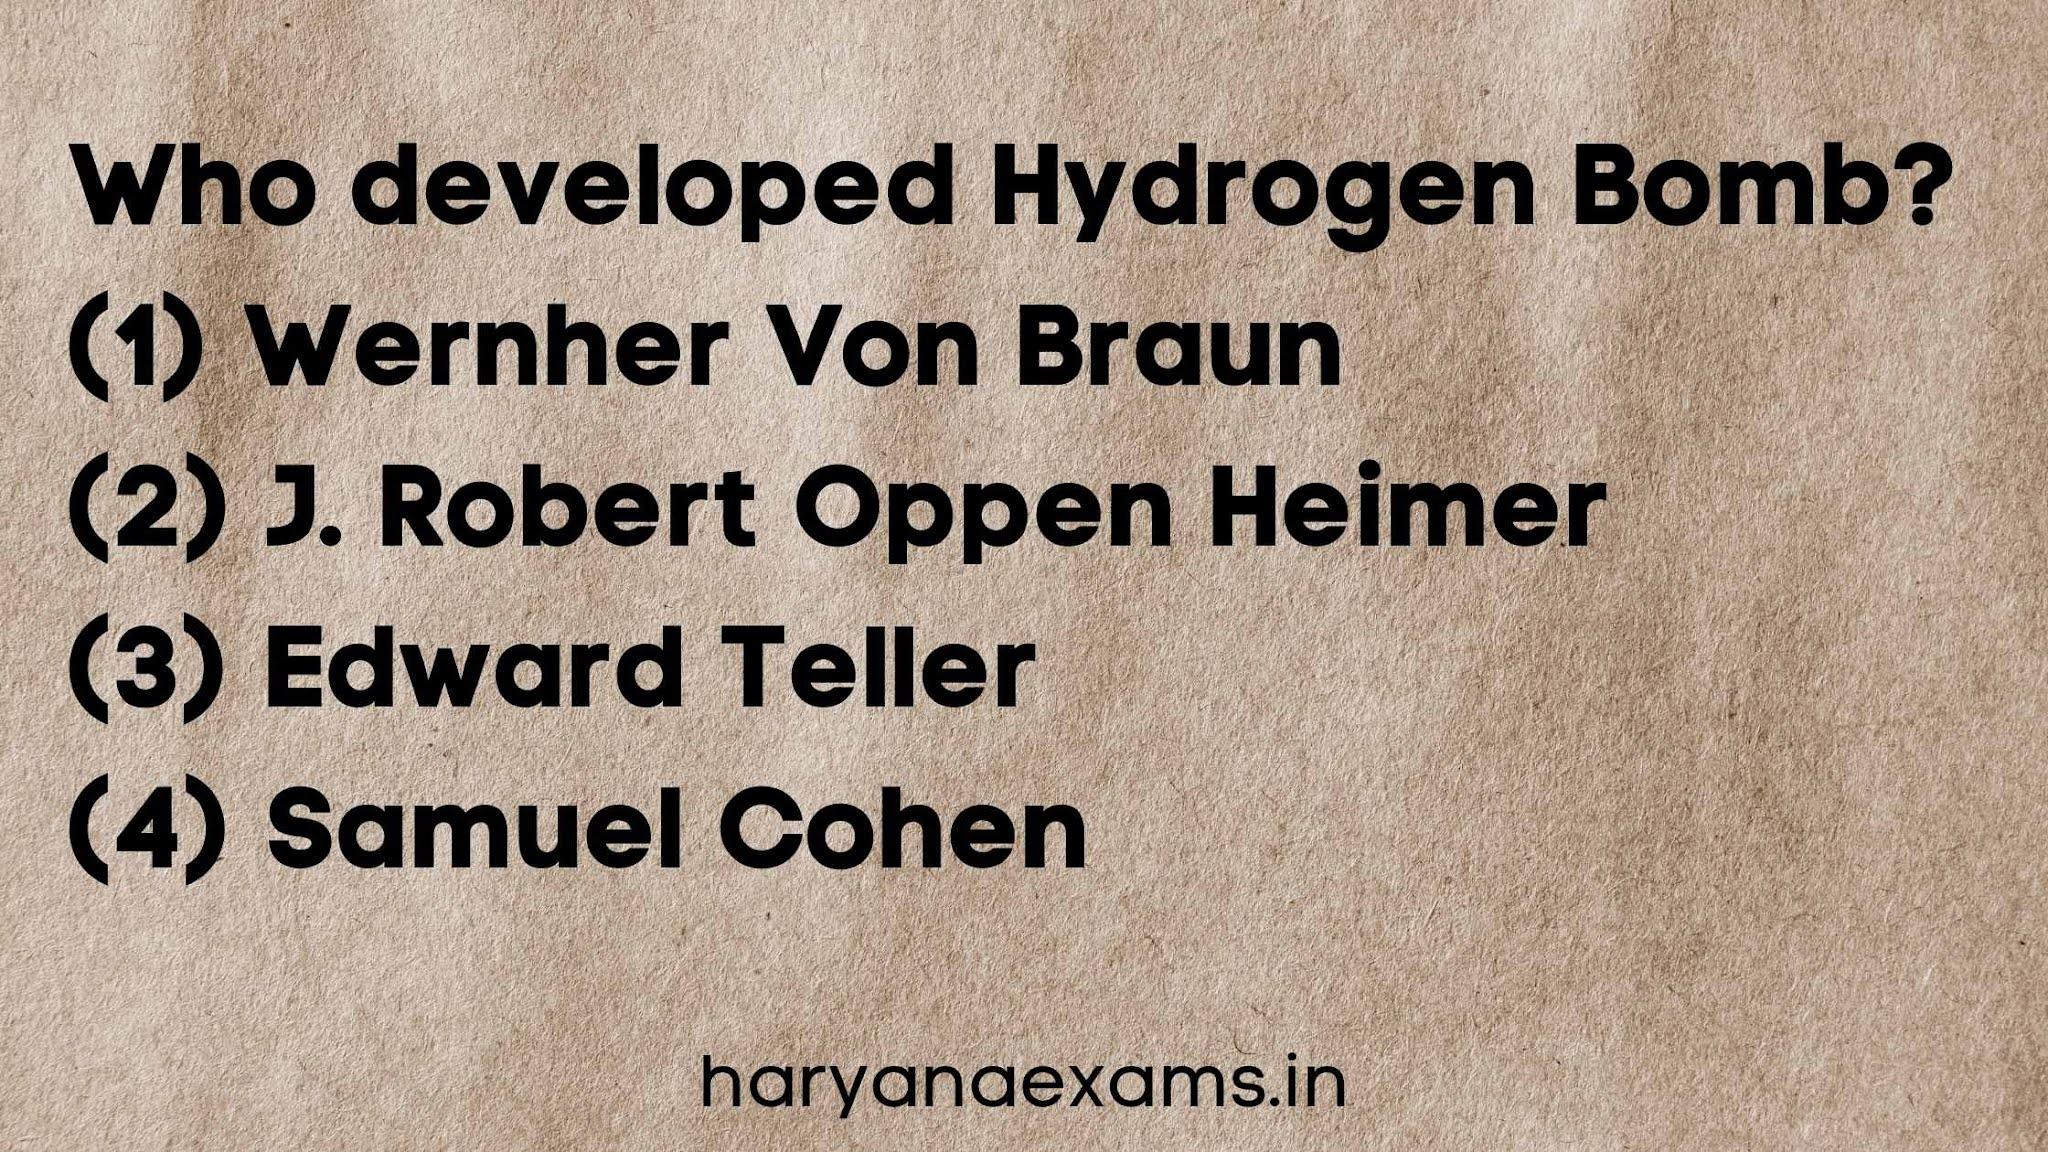 Who developed Hydrogen Bomb?   (1) Wernher Von Braun   (2) J. Robert Oppen Heimer   (3) Edward Teller   (4) Samuel Cohen